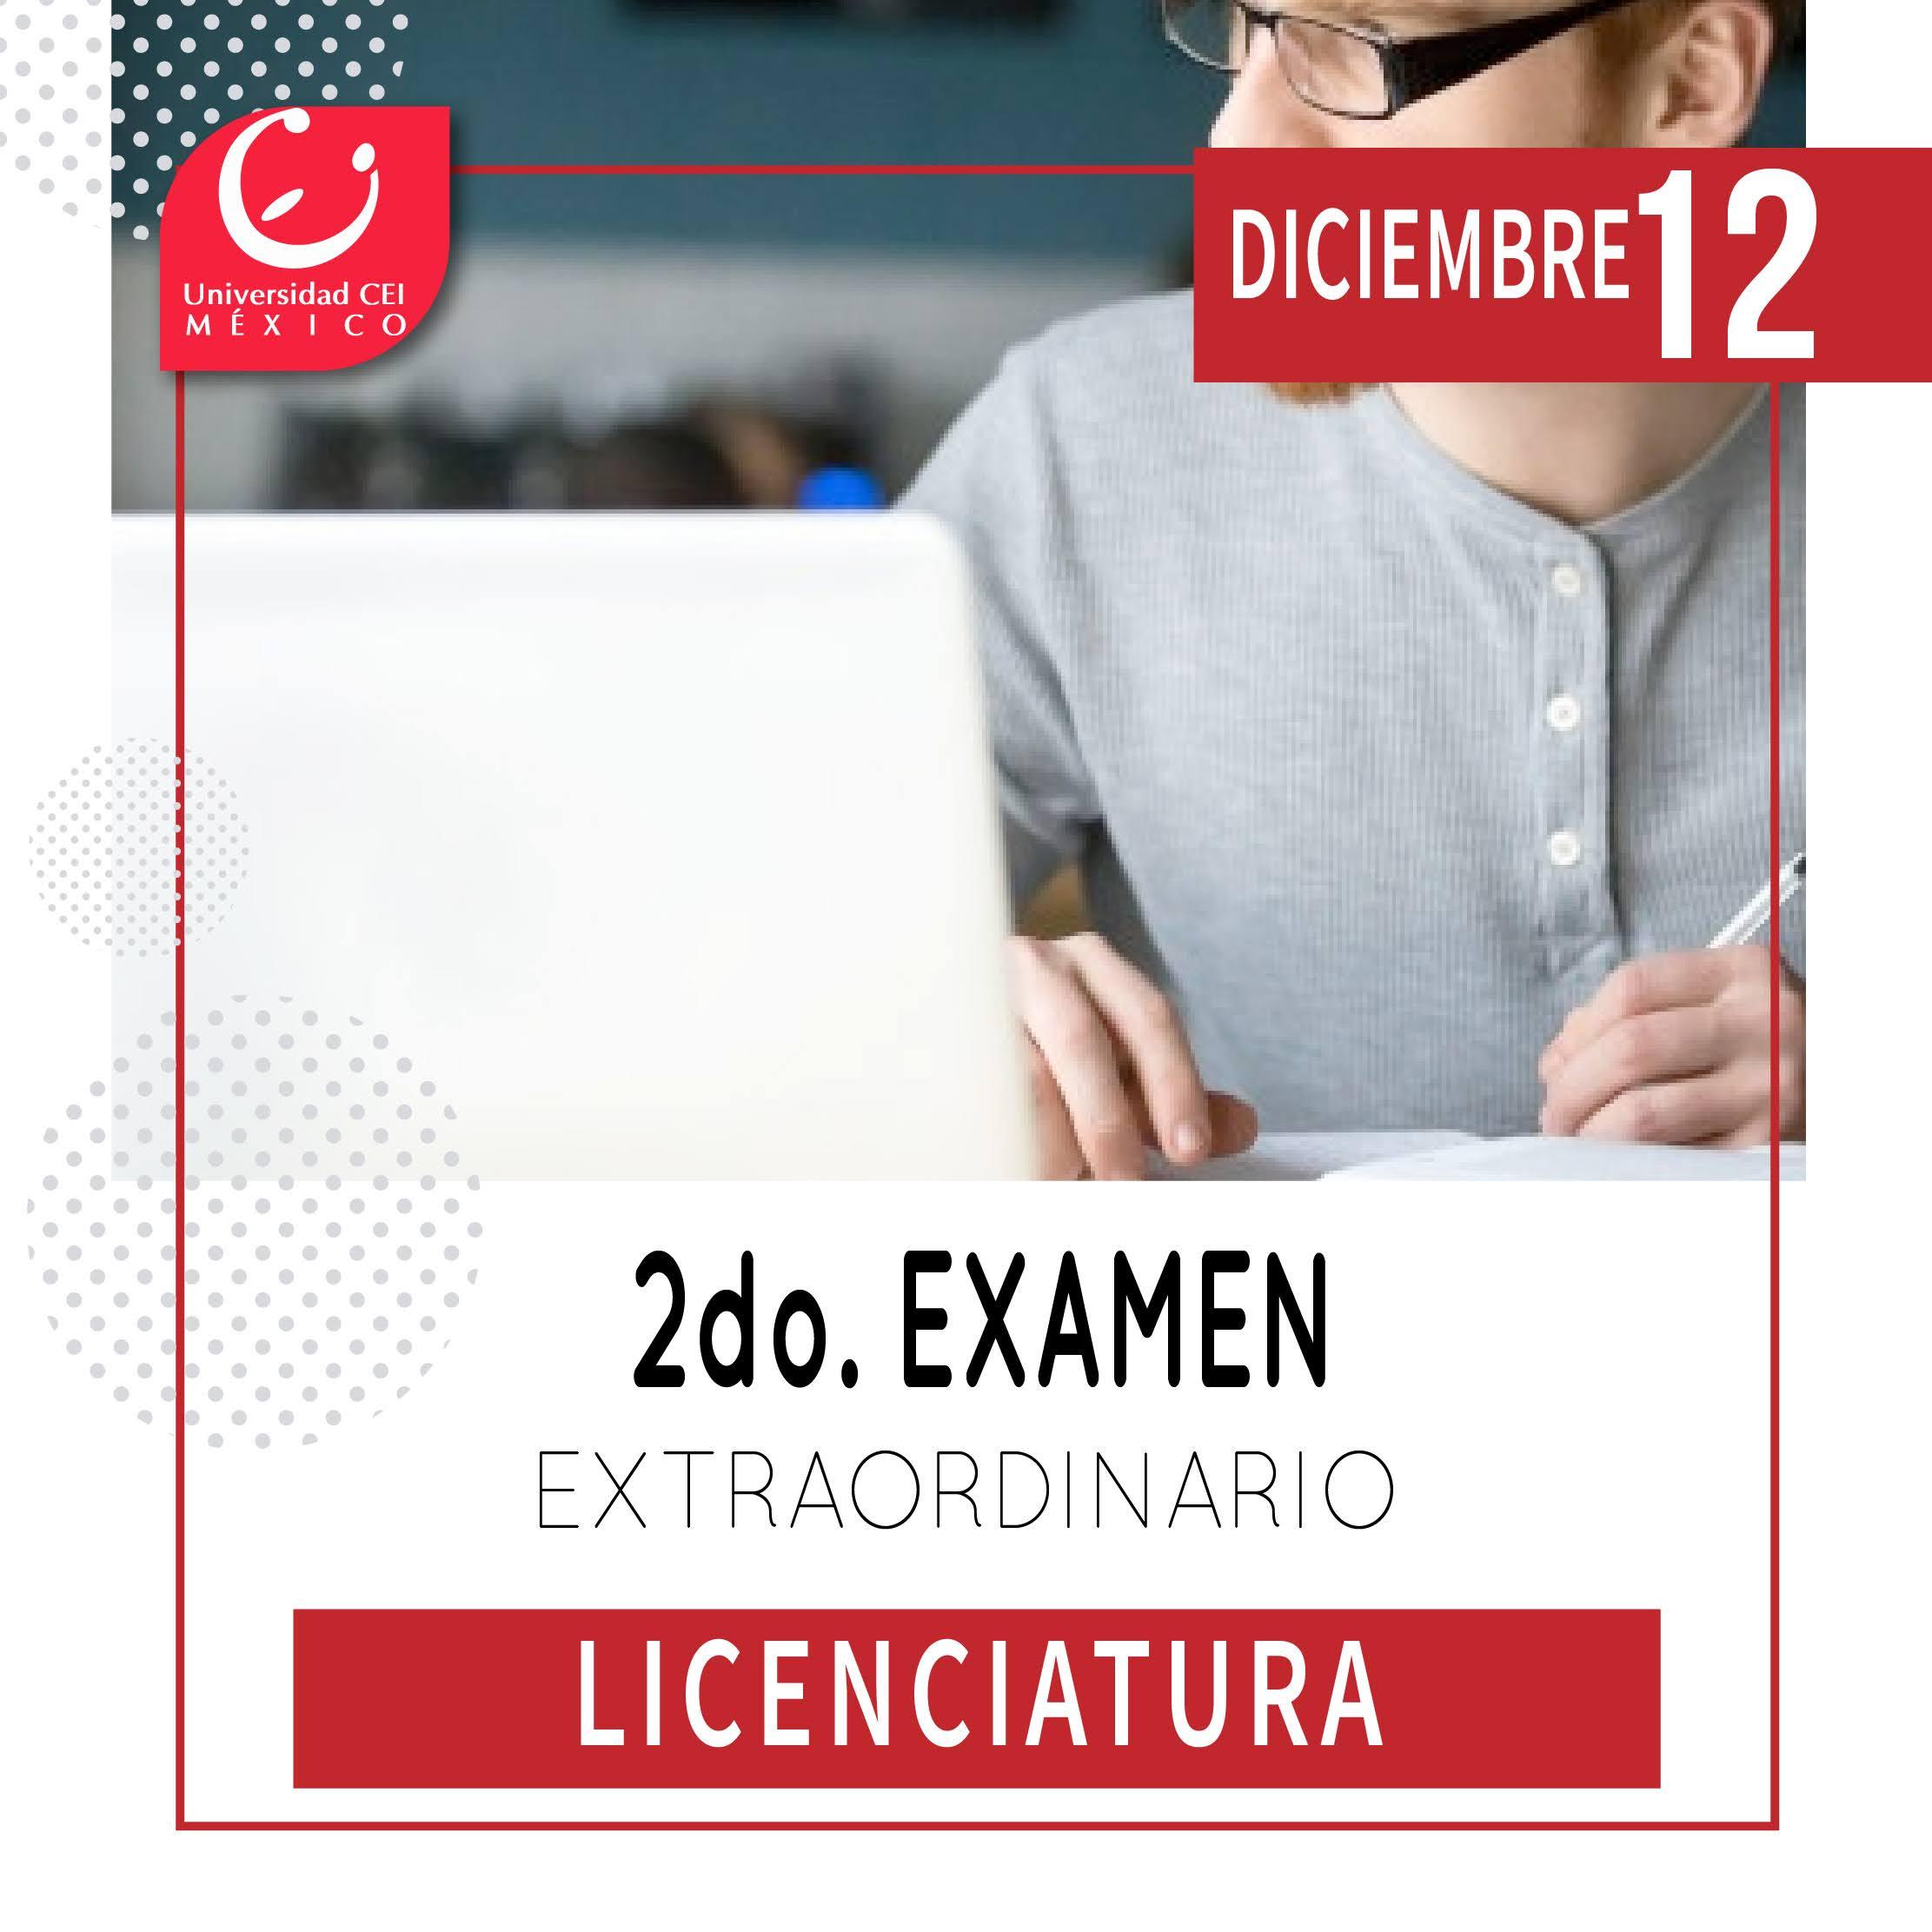 exámenes extraordinarios licenciaturas Cei